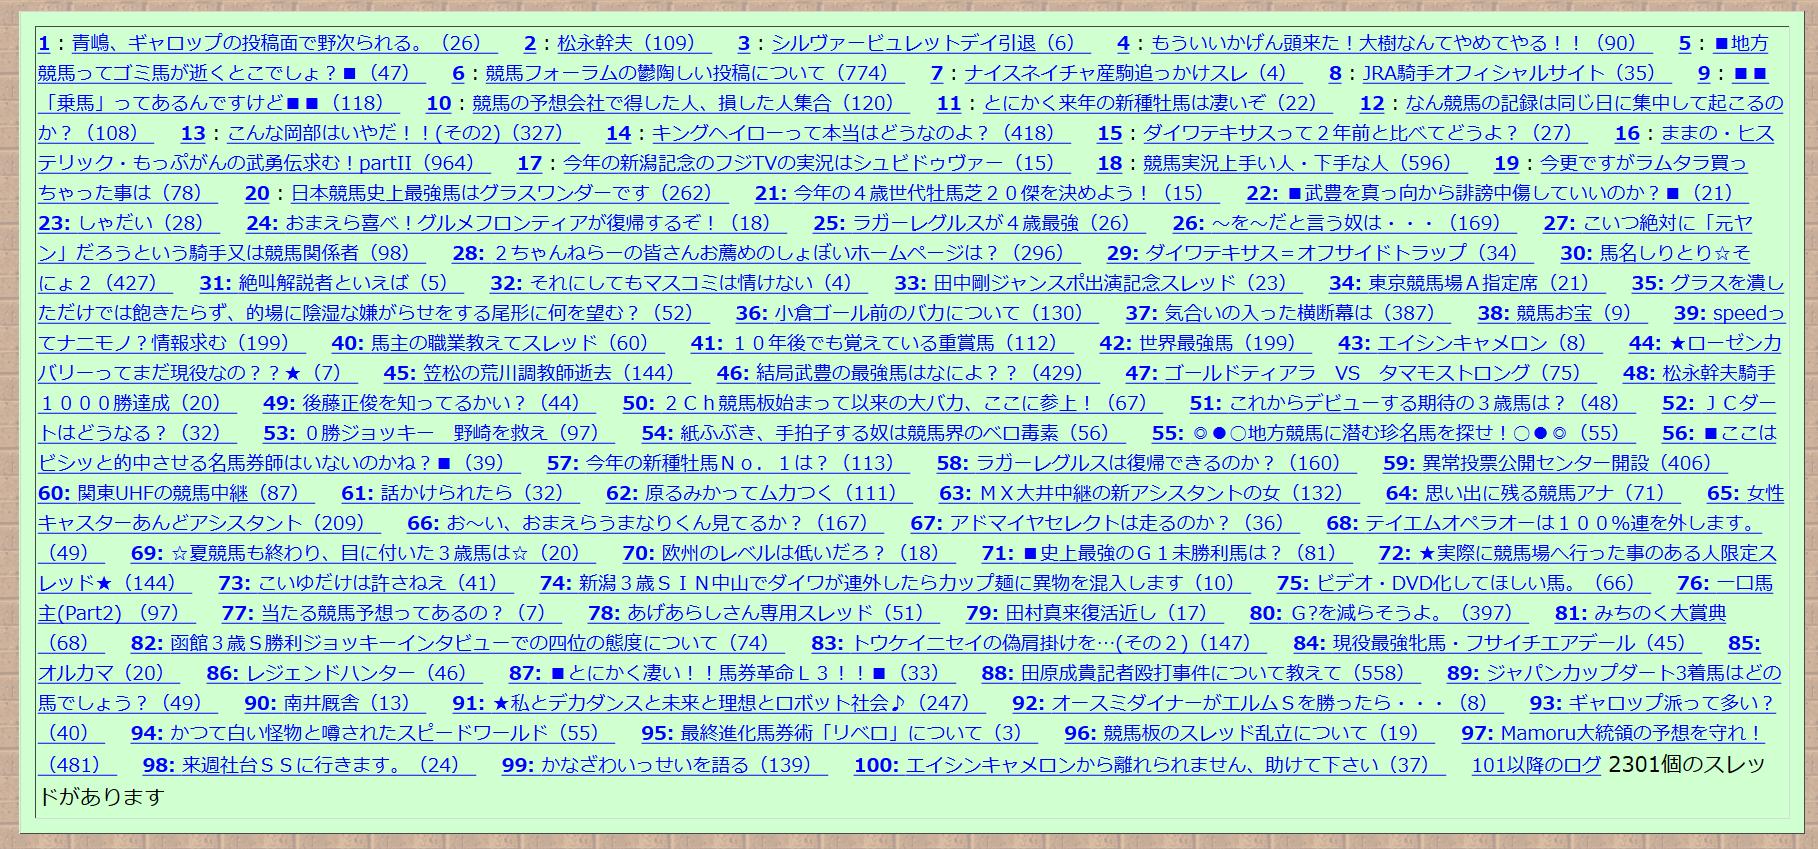 【競馬】2000年頃の競馬板